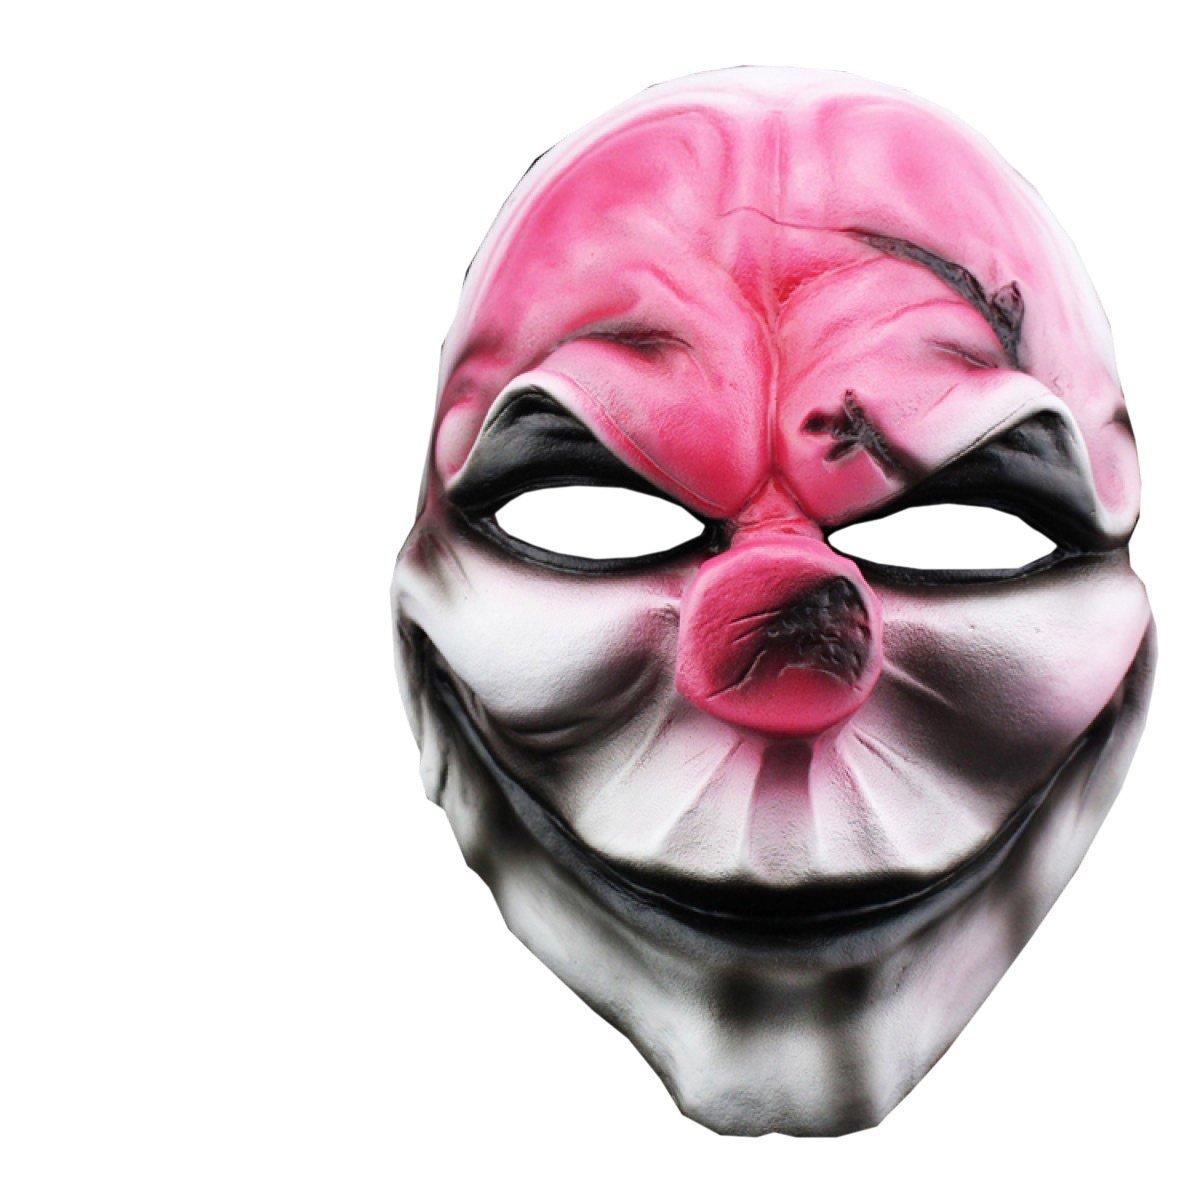 Nihiug Juego De Máscaras De Horror De Halloween Día De Cosecha 2 Edición De Coleccionista Cara De Resina Cos Role Play Party Performance 'Boo To You' ',A